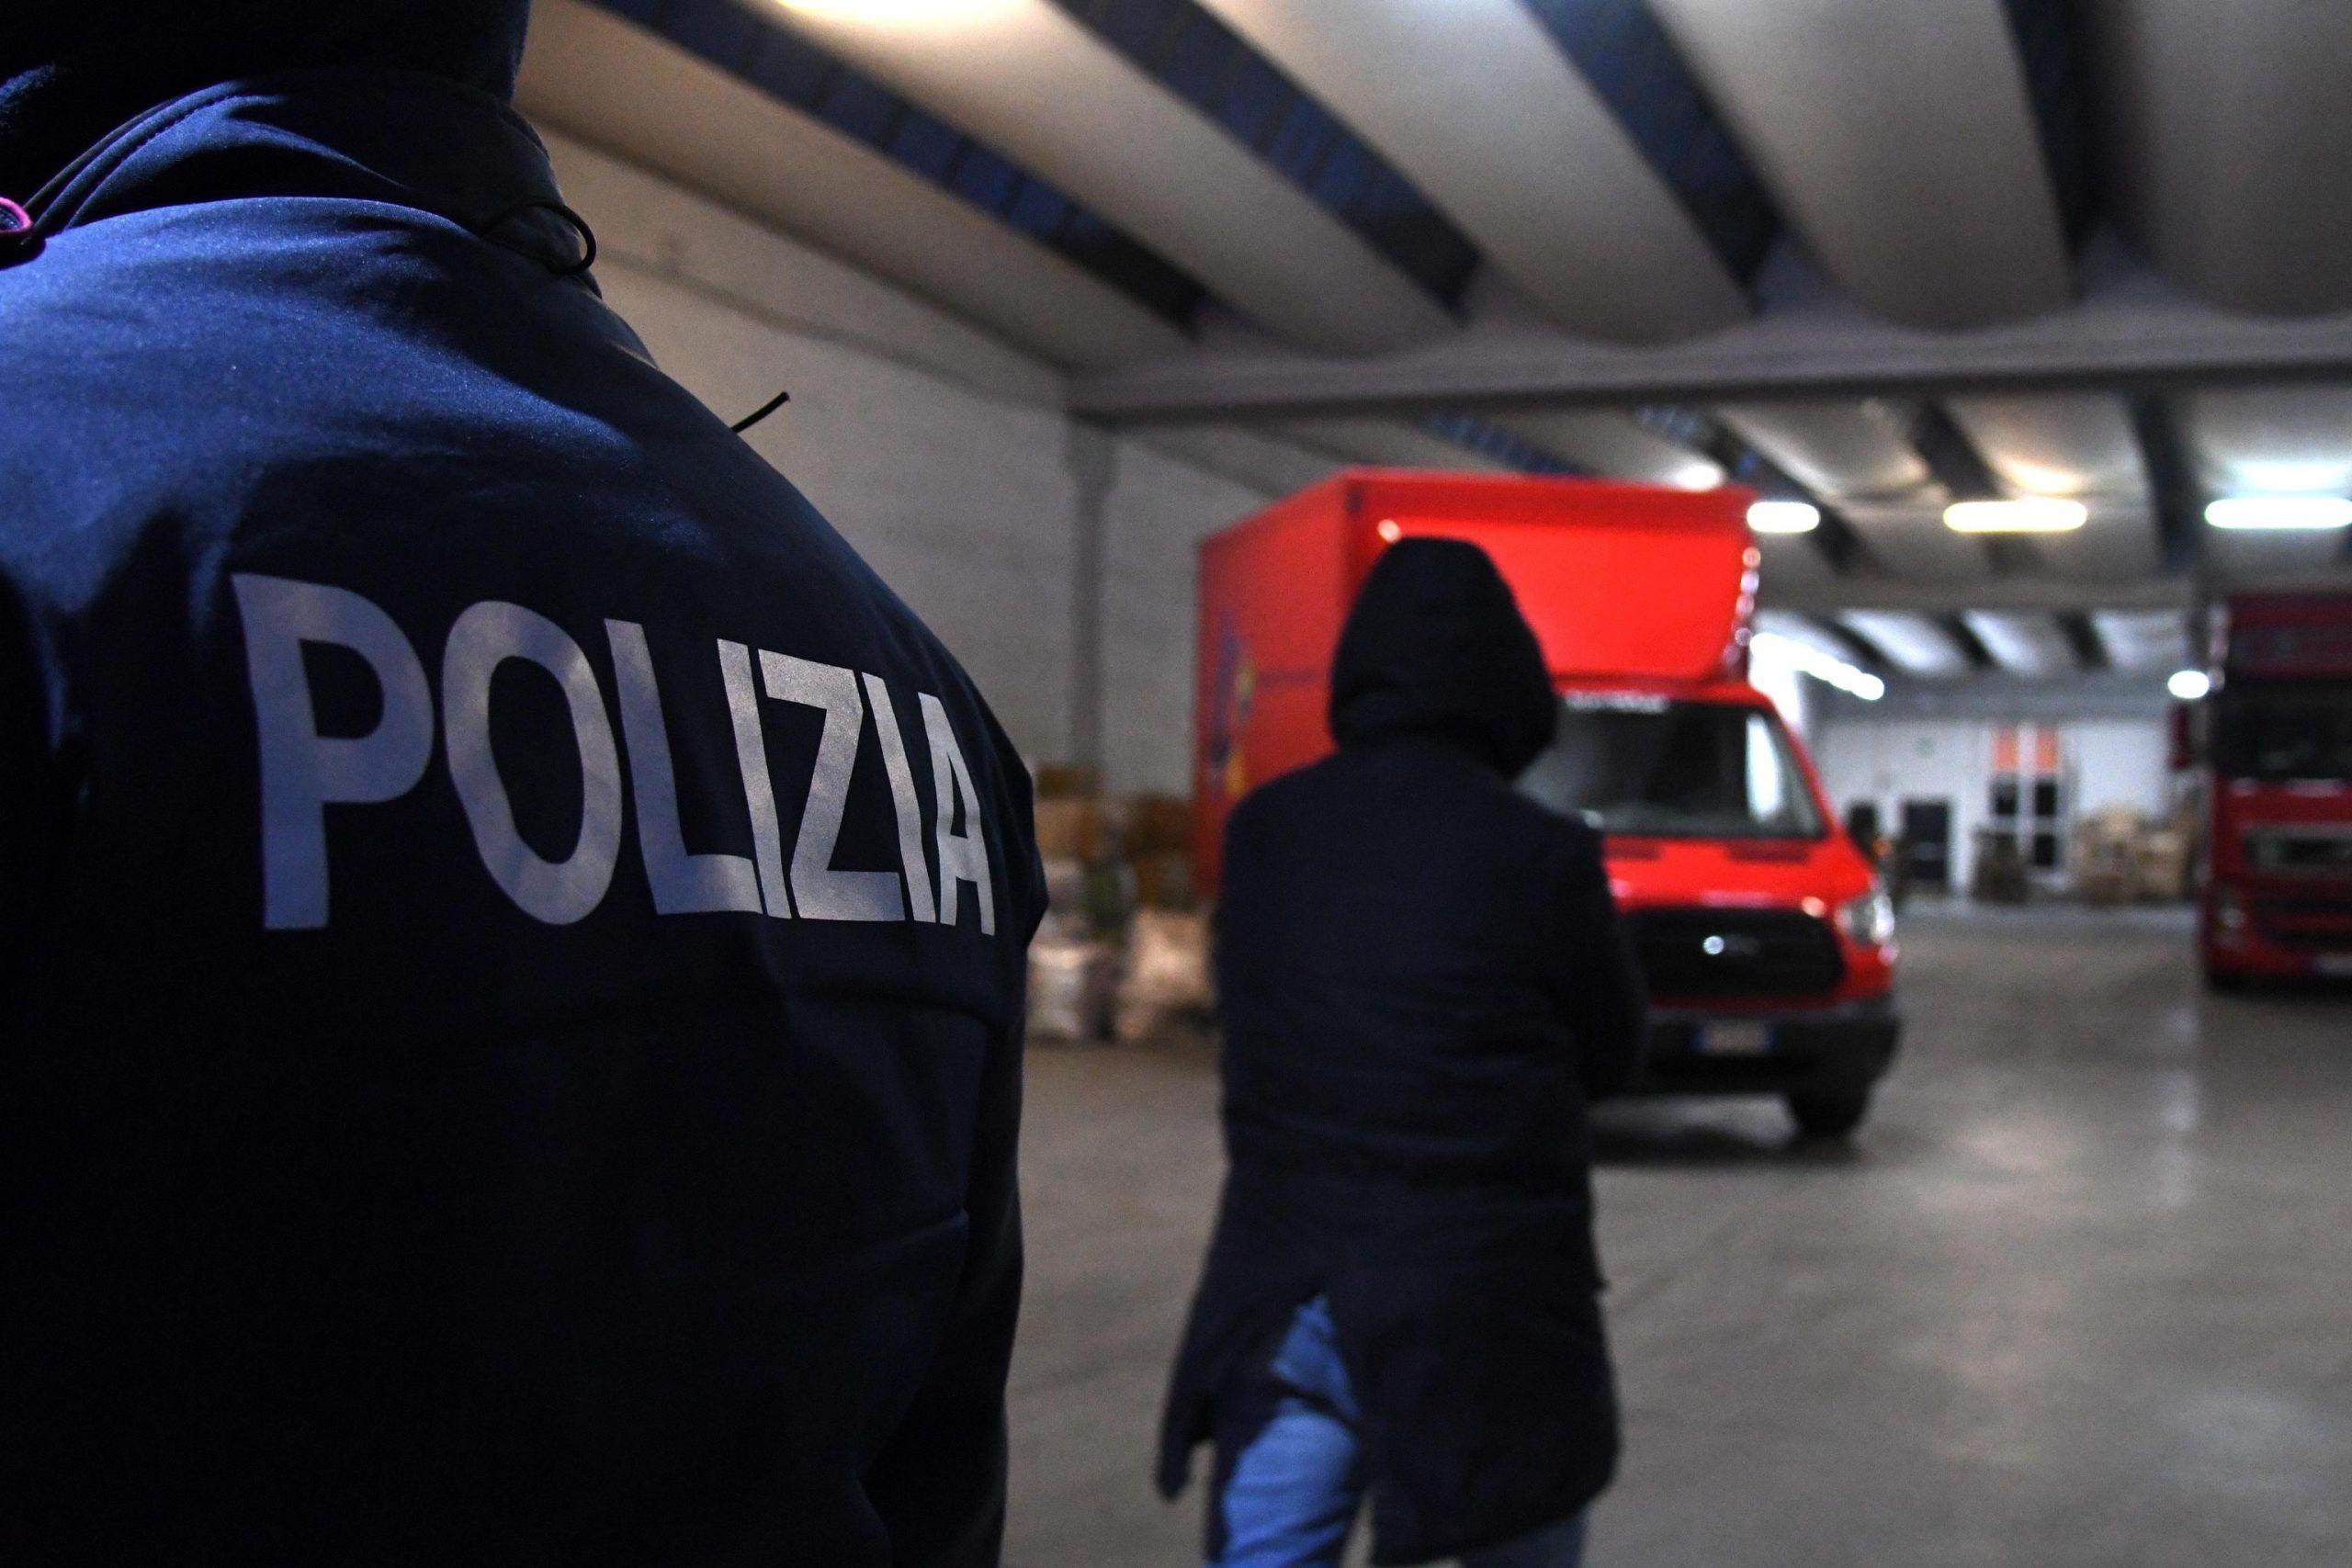 Polizia suicidi